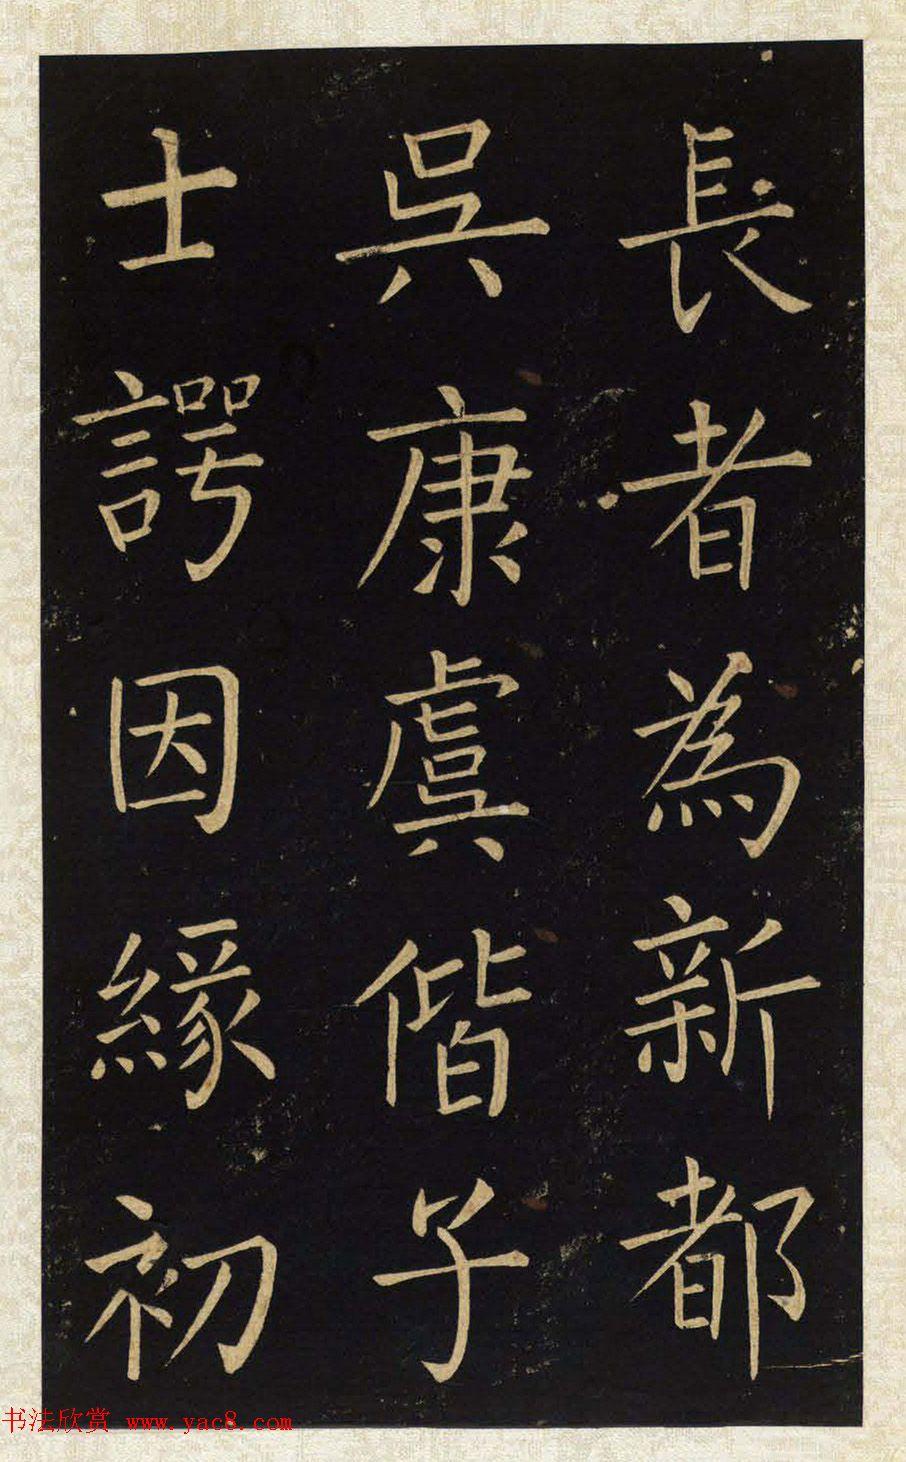 王铎唯一传世的柳体楷书《延寿寺碑》